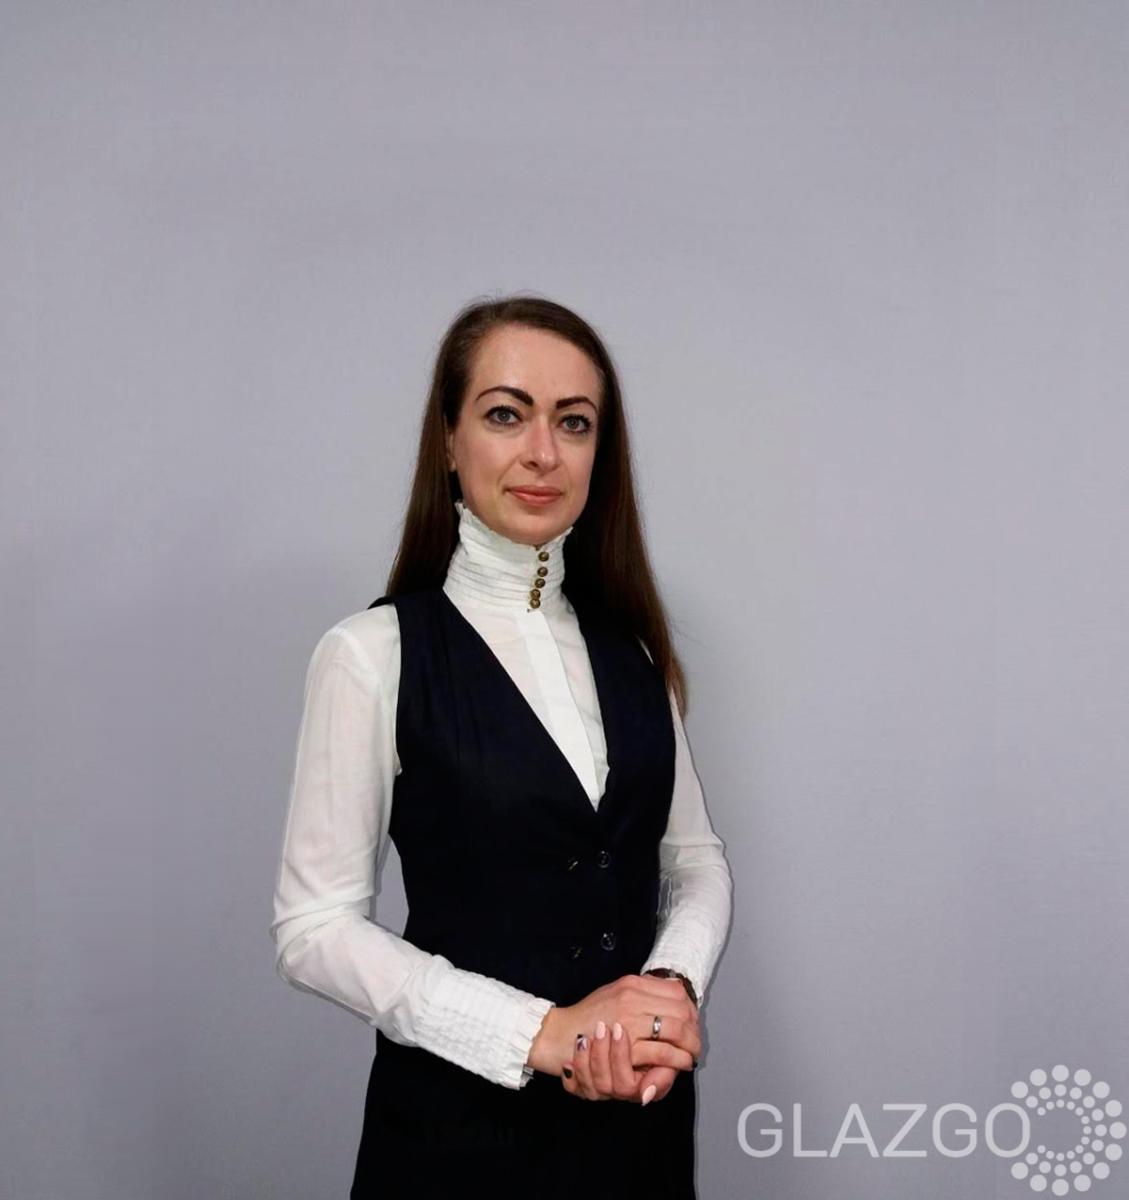 https://glazgo.com.ua/wp-content/uploads/2018/03/medvedeva2-1.png